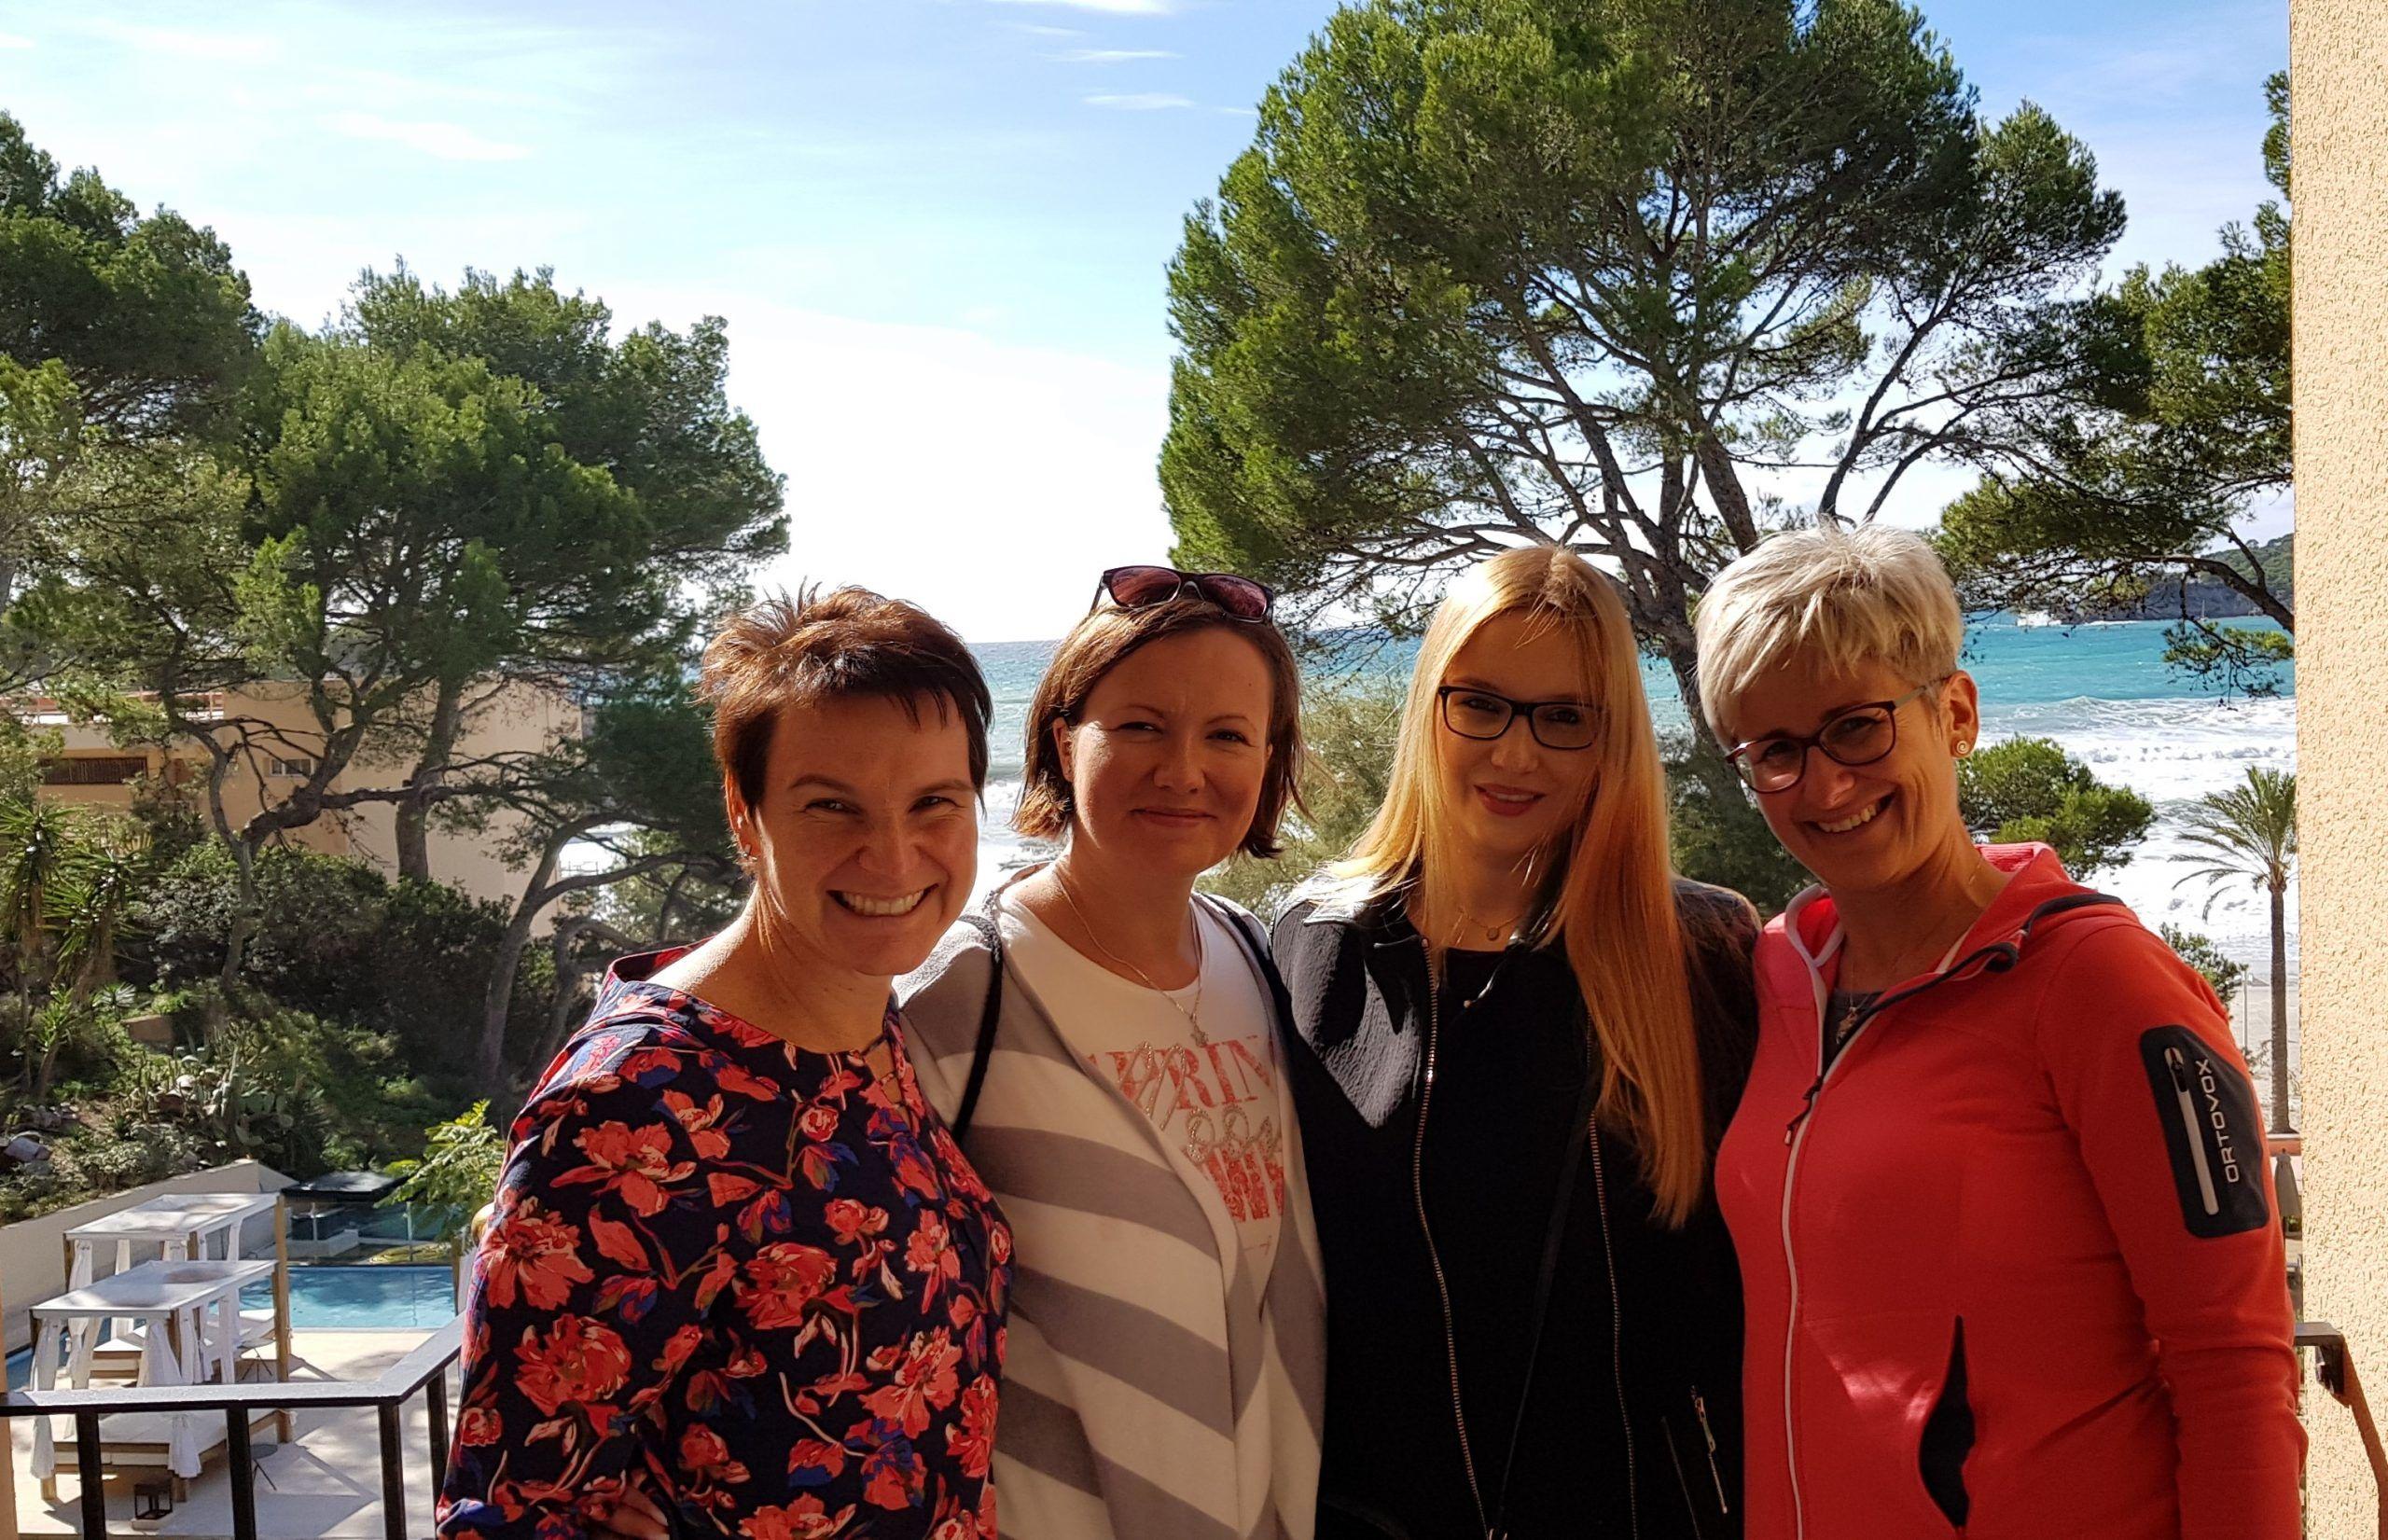 Auf der Suche nach Korfi Liebligshotels auf Mallorca 2018